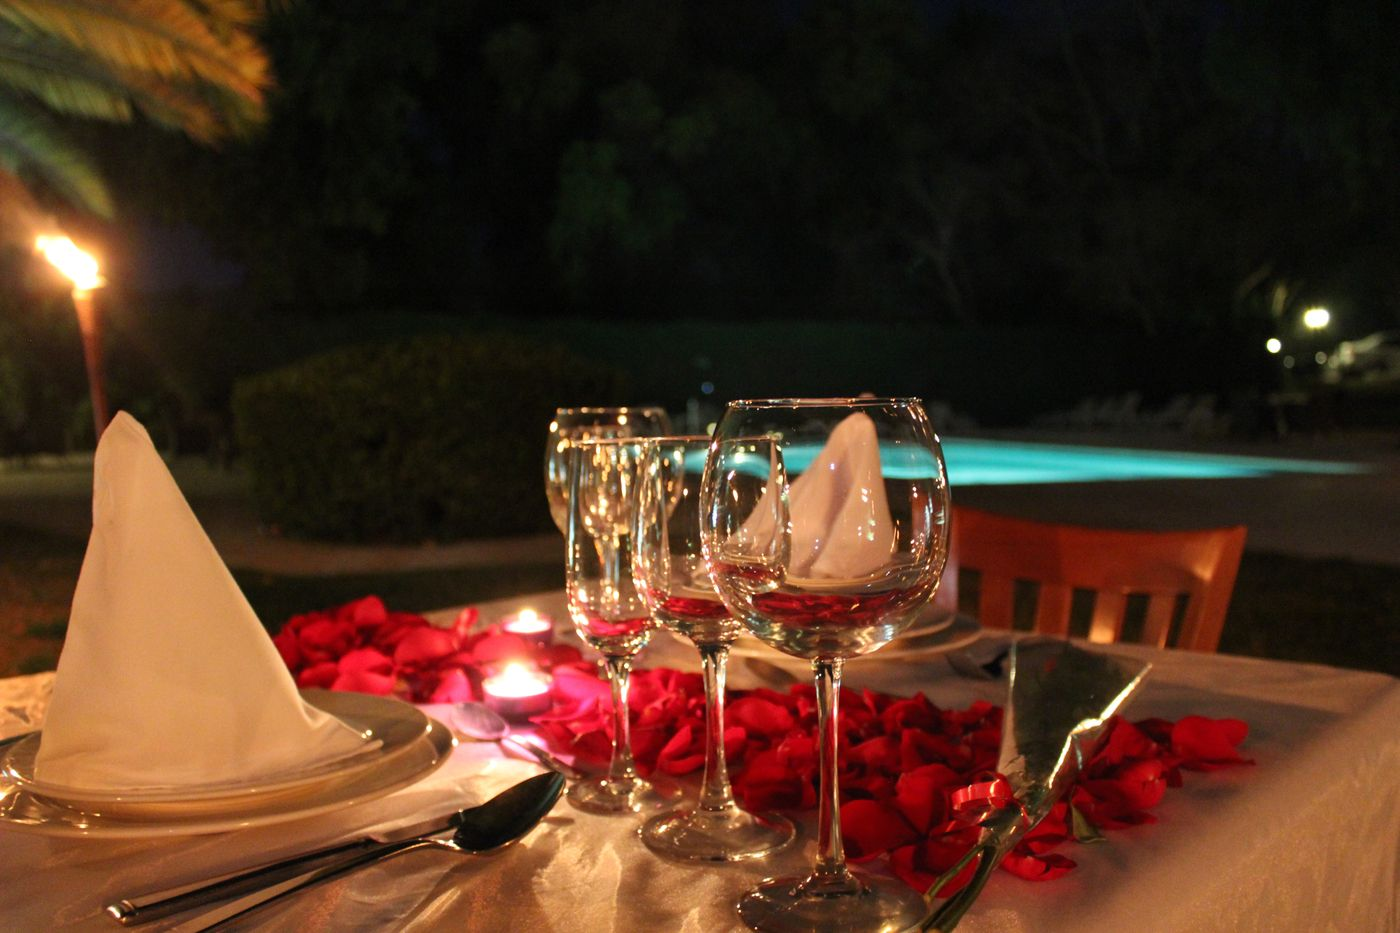 Una cena rom ntica a la luz de las velas es el mejor regalo de cumplea os de aniversario o para - Cena romantica con velas ...